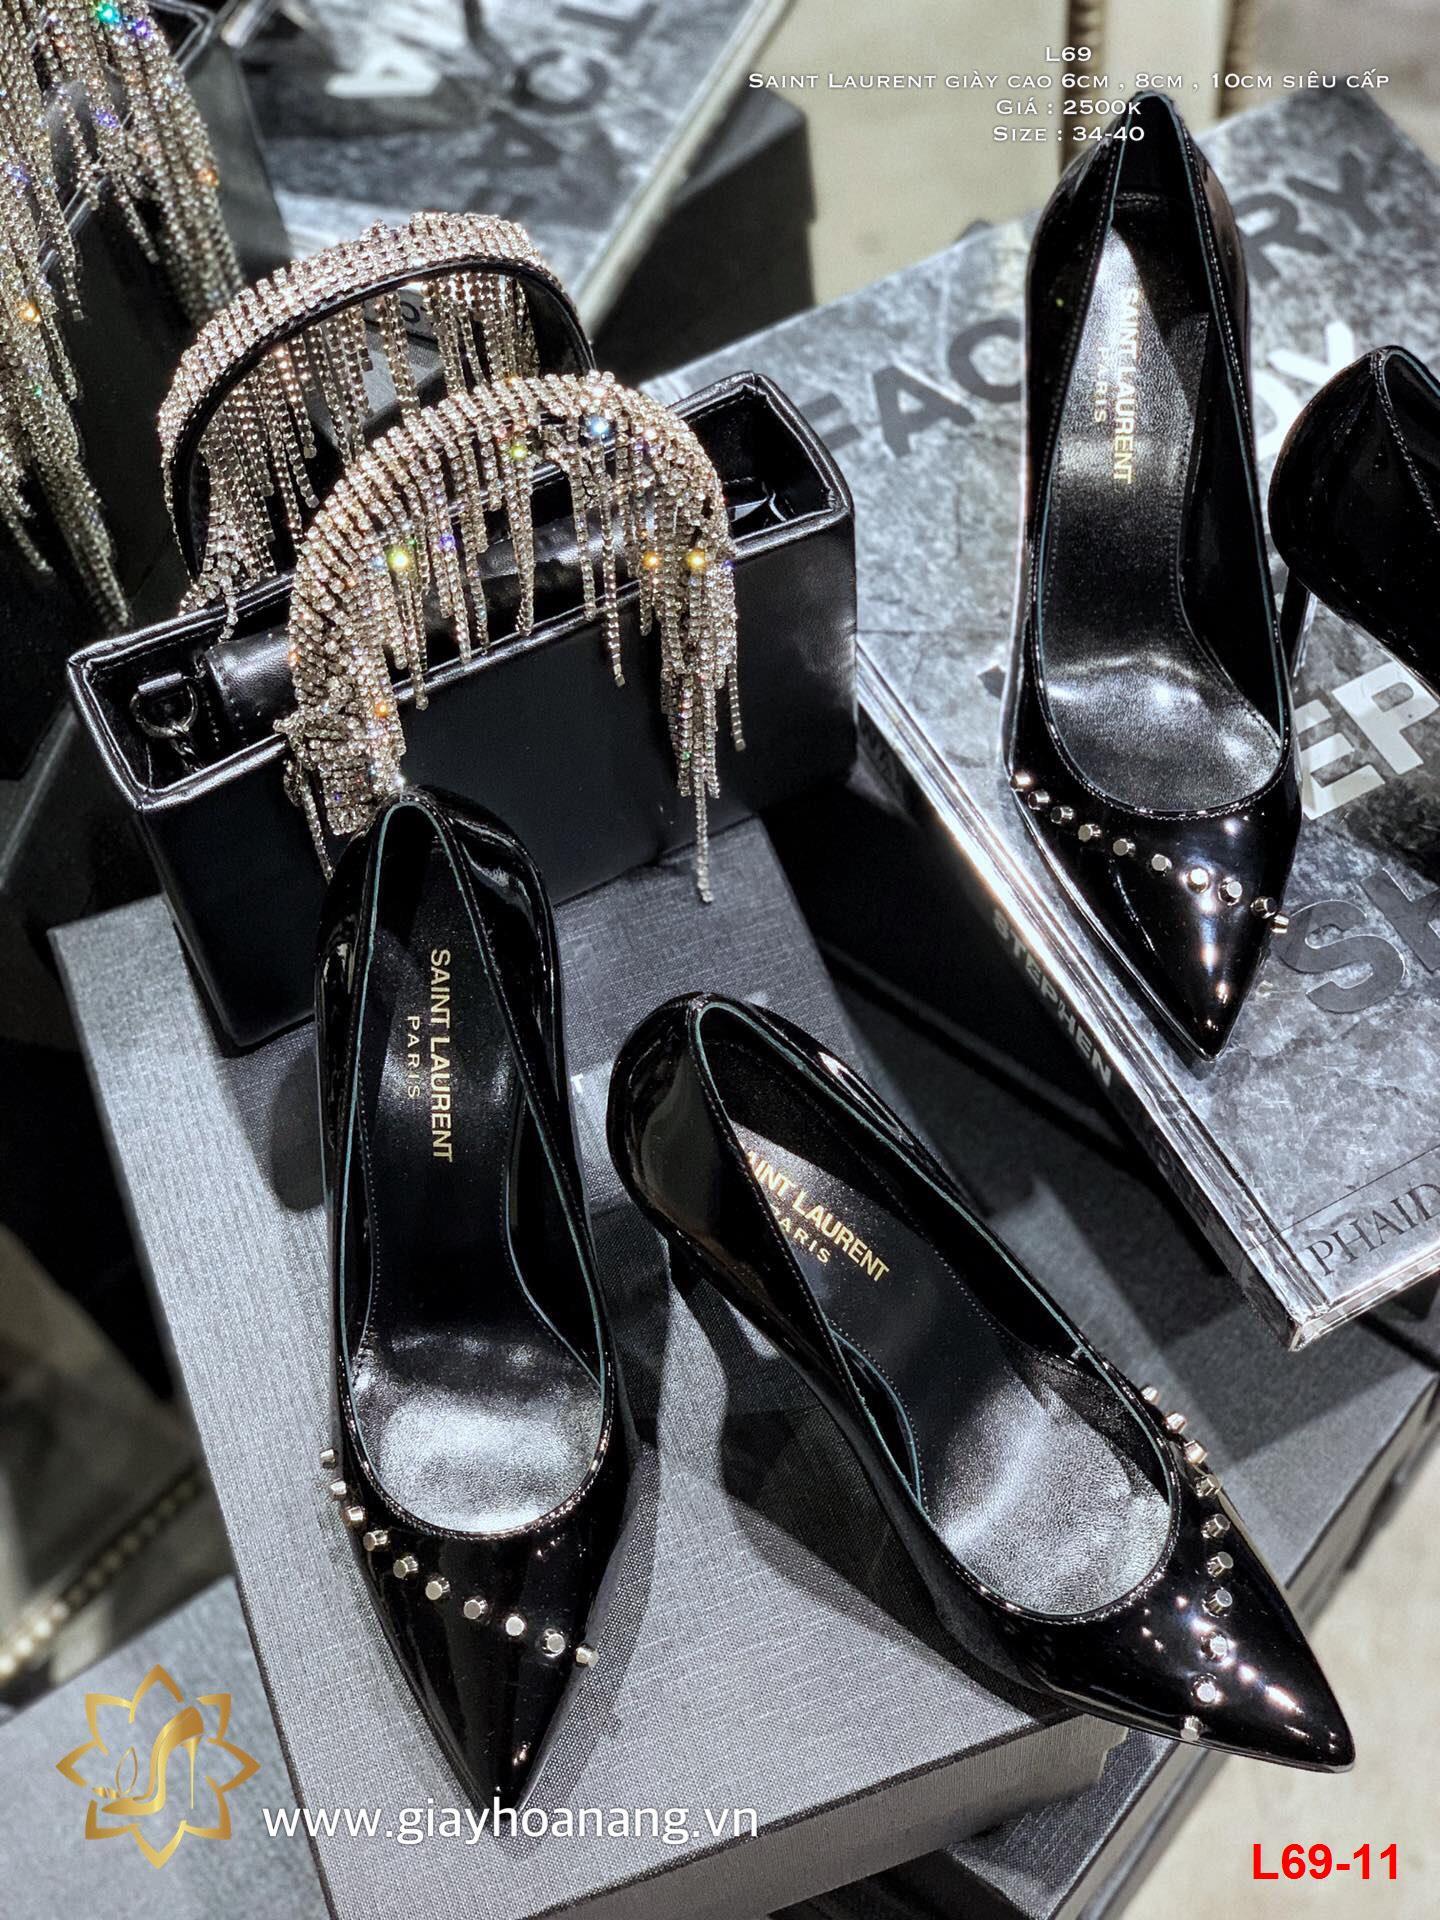 L69-11 Saint Laurent giày cao 6cm , 8cm , 10cm siêu cấp